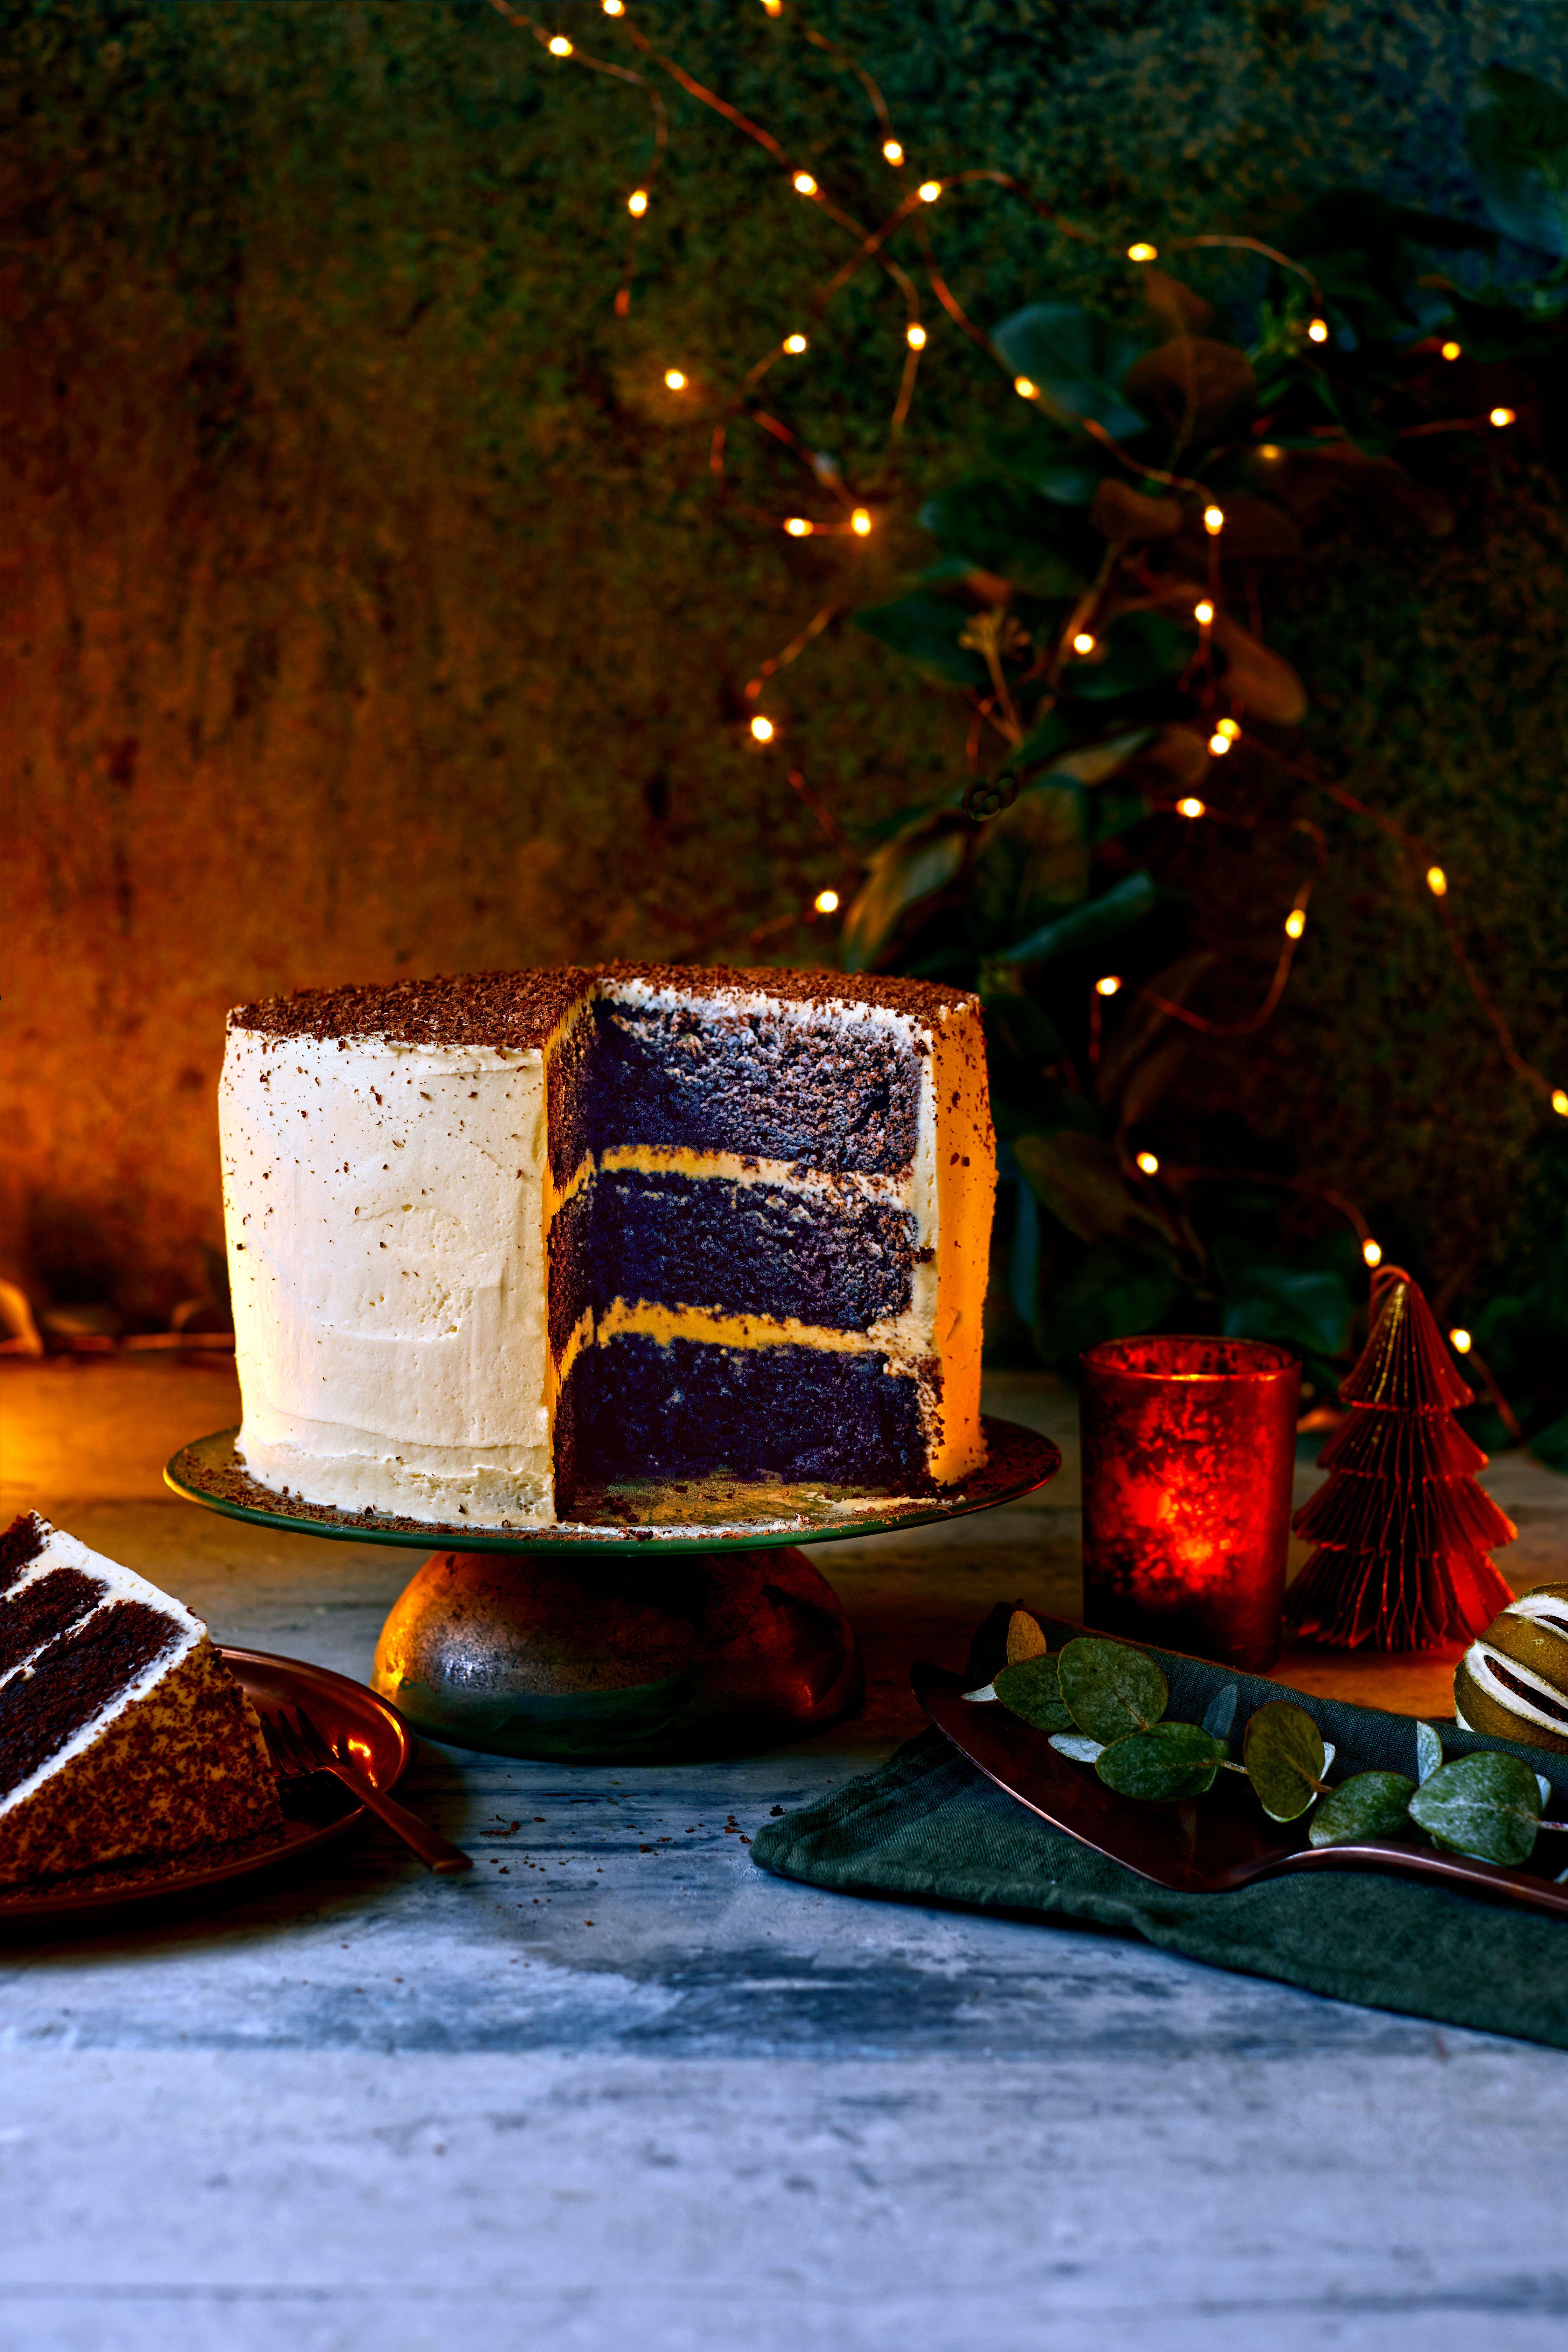 Un tort impresionant cu trei straturi de ciocolată cu gheață, cu lumini de zână în fundal